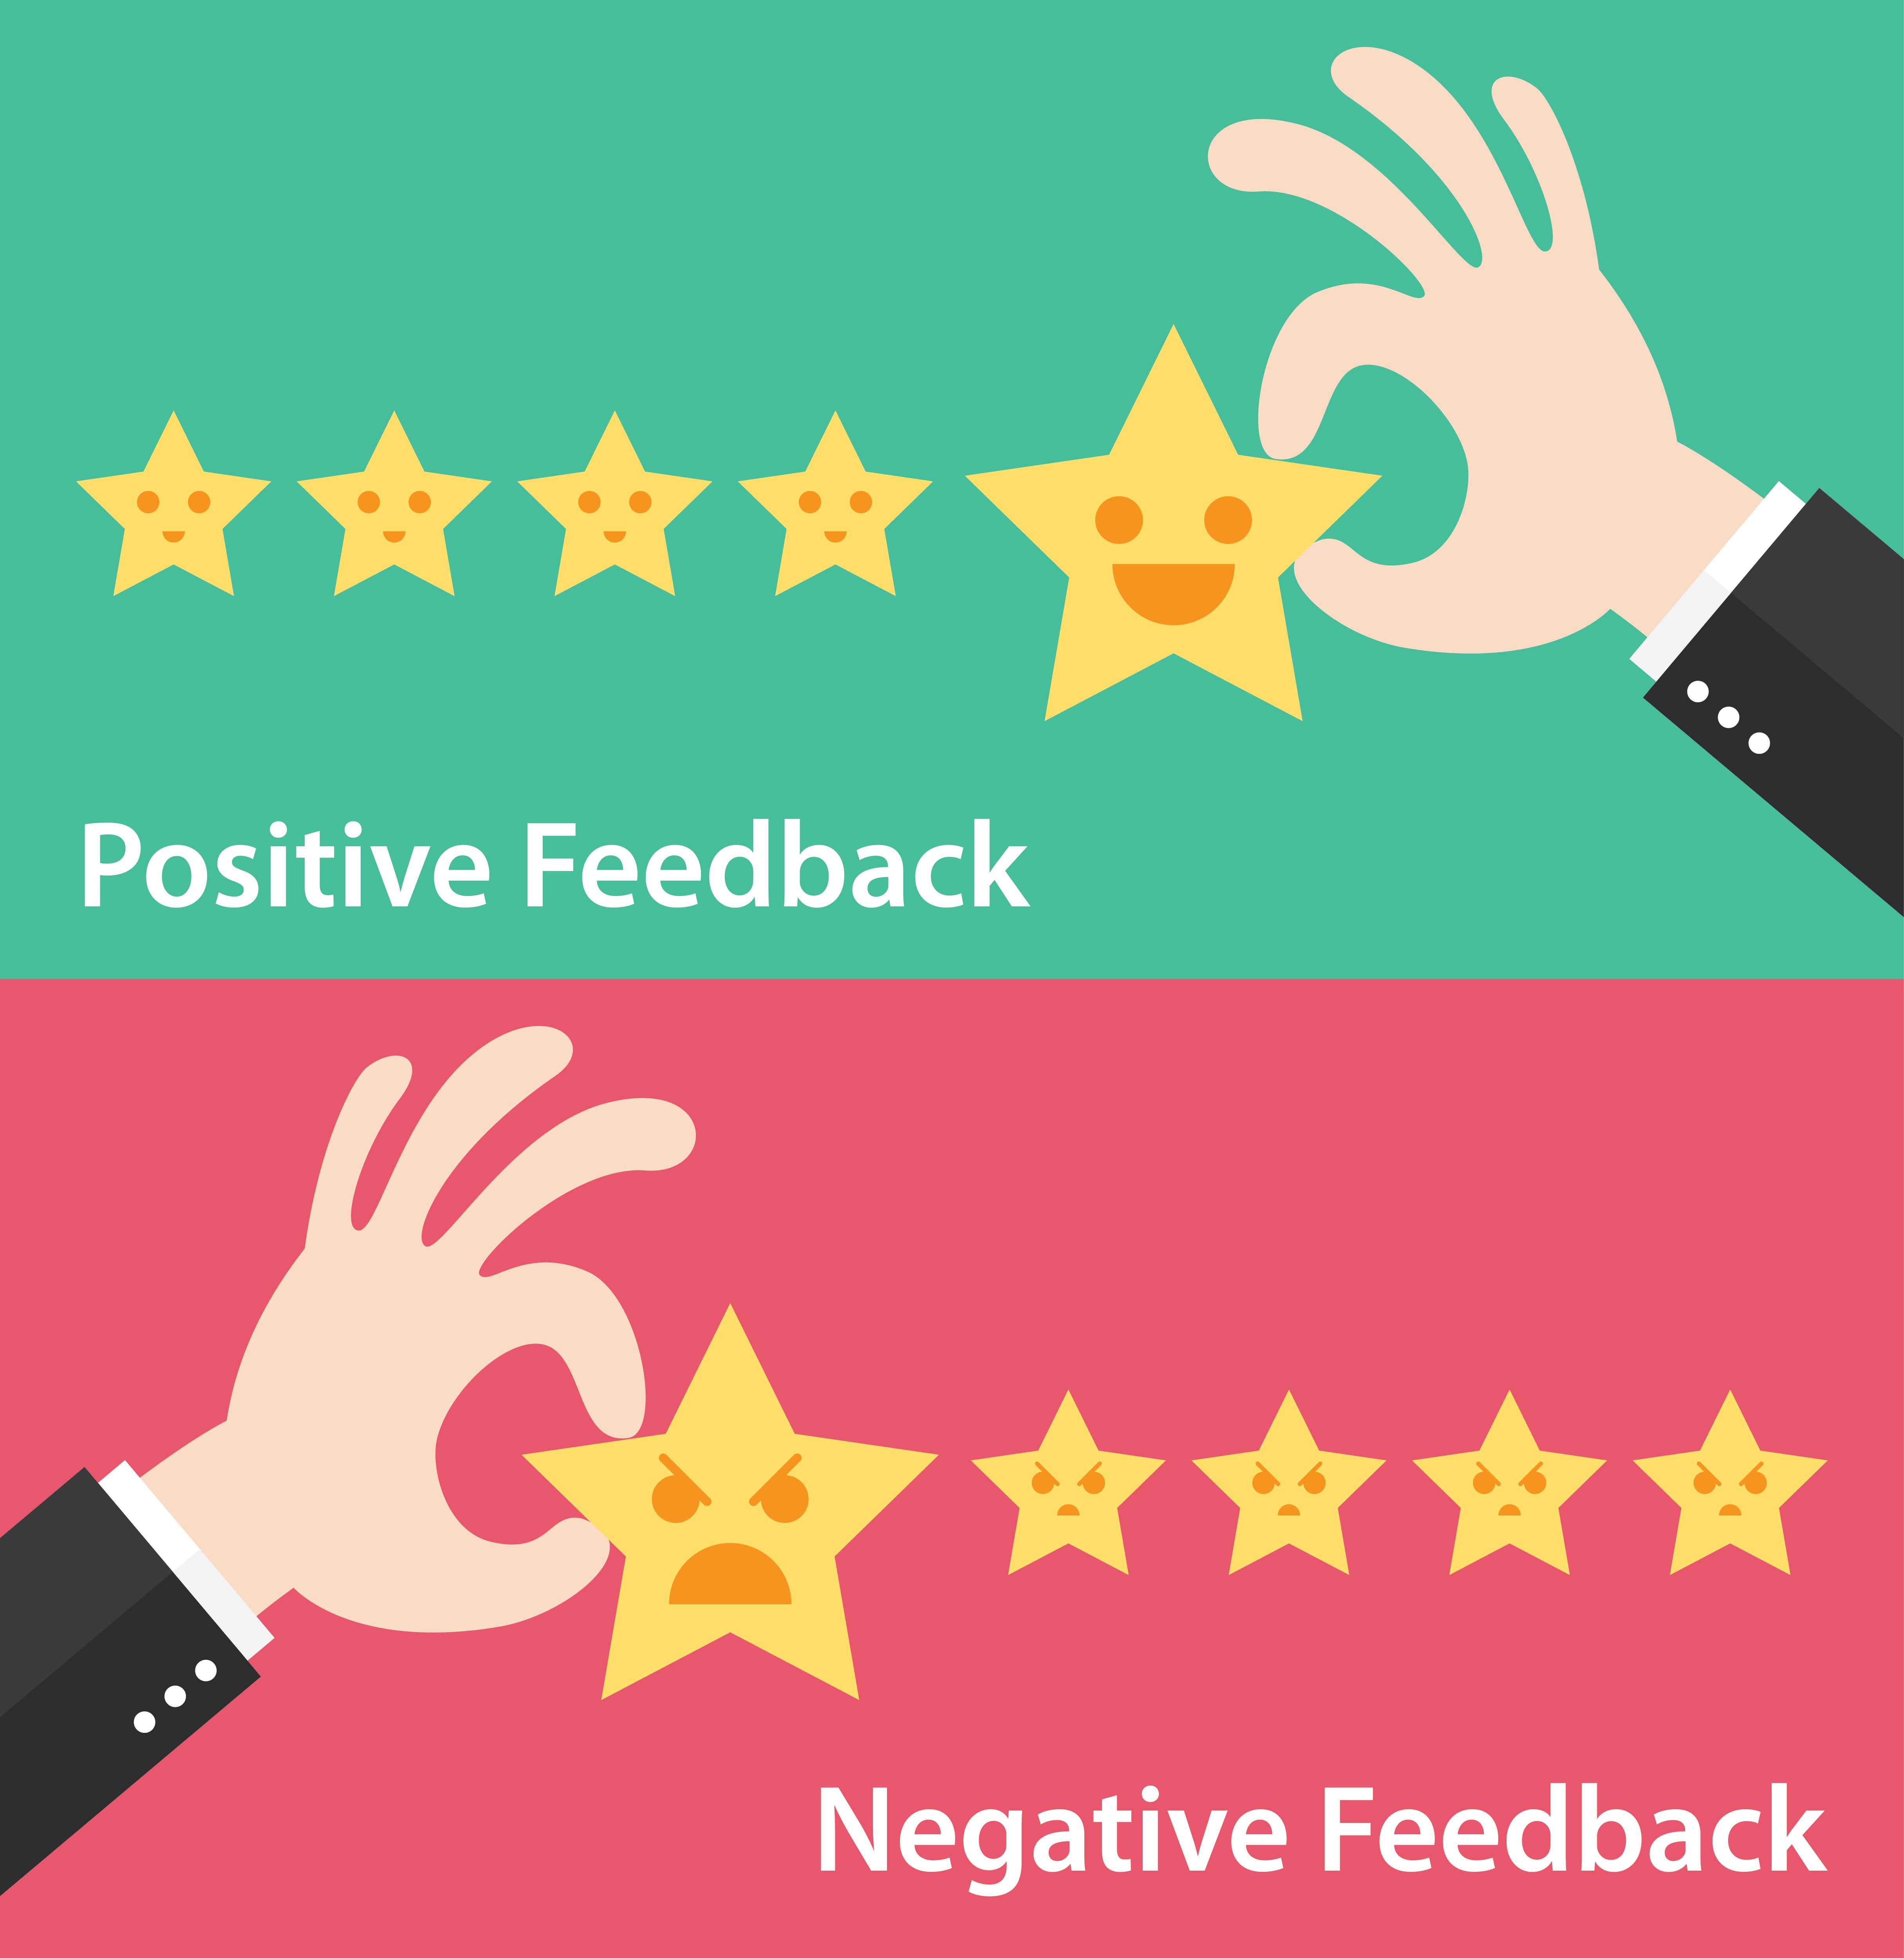 Avis clients : un des meilleurs outils pour convaincre vos prochains prospects ! 1